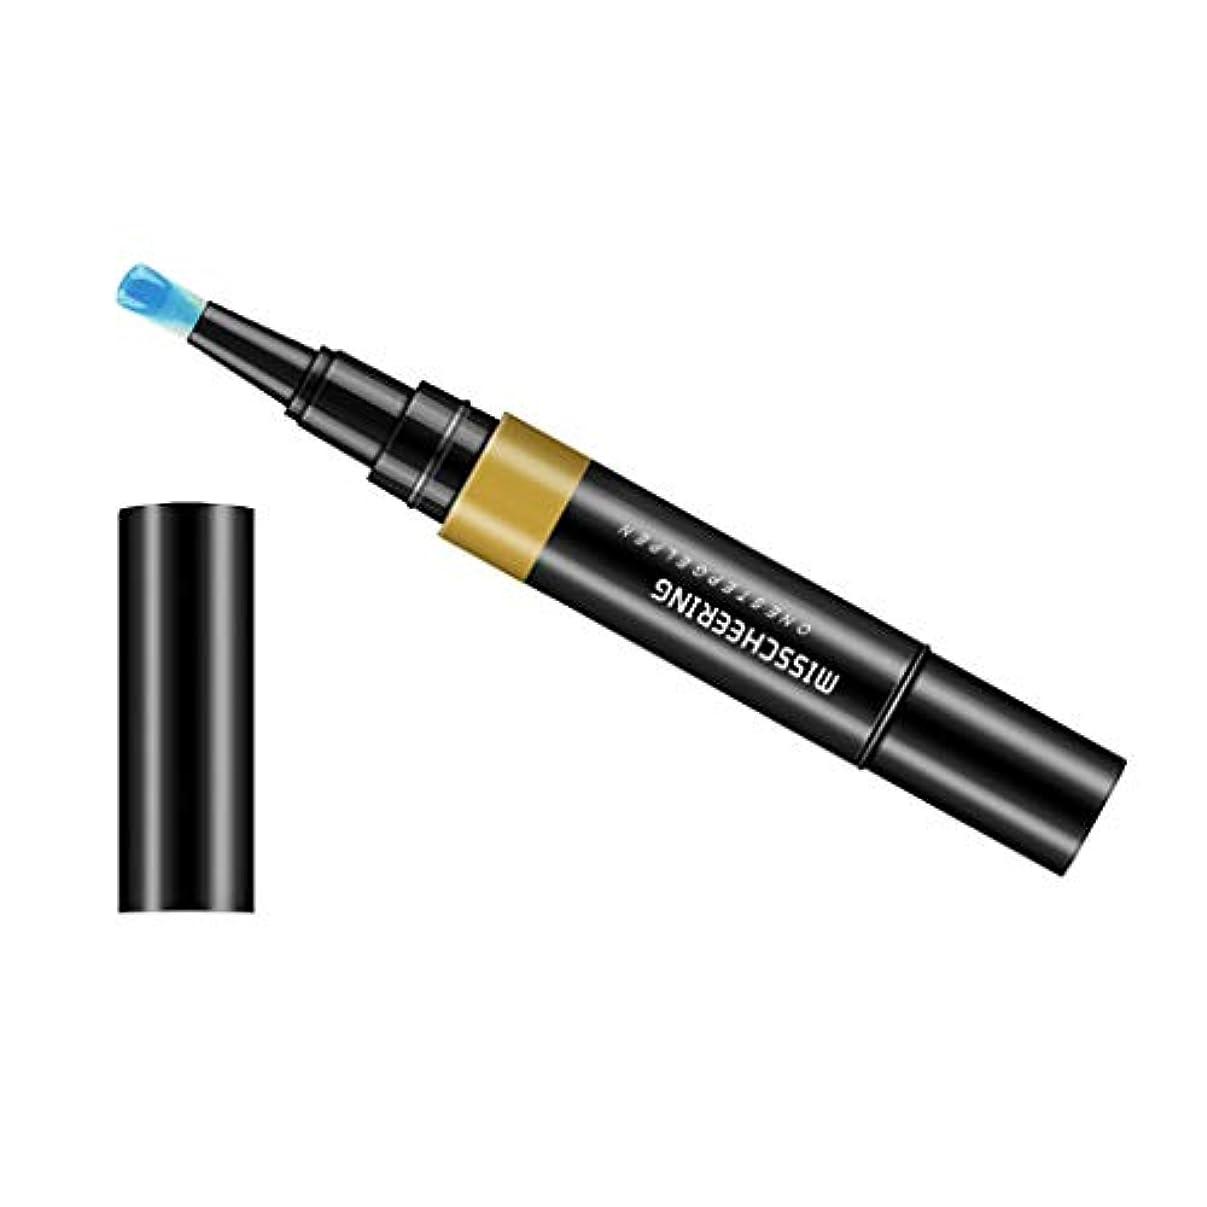 参照するうぬぼれた危険Toygogo ジェル マニキュアペン ワニスラッカー ネイルアートペン 3 イン 1 サロン 初心者 セルフネイル DIY - ブルー